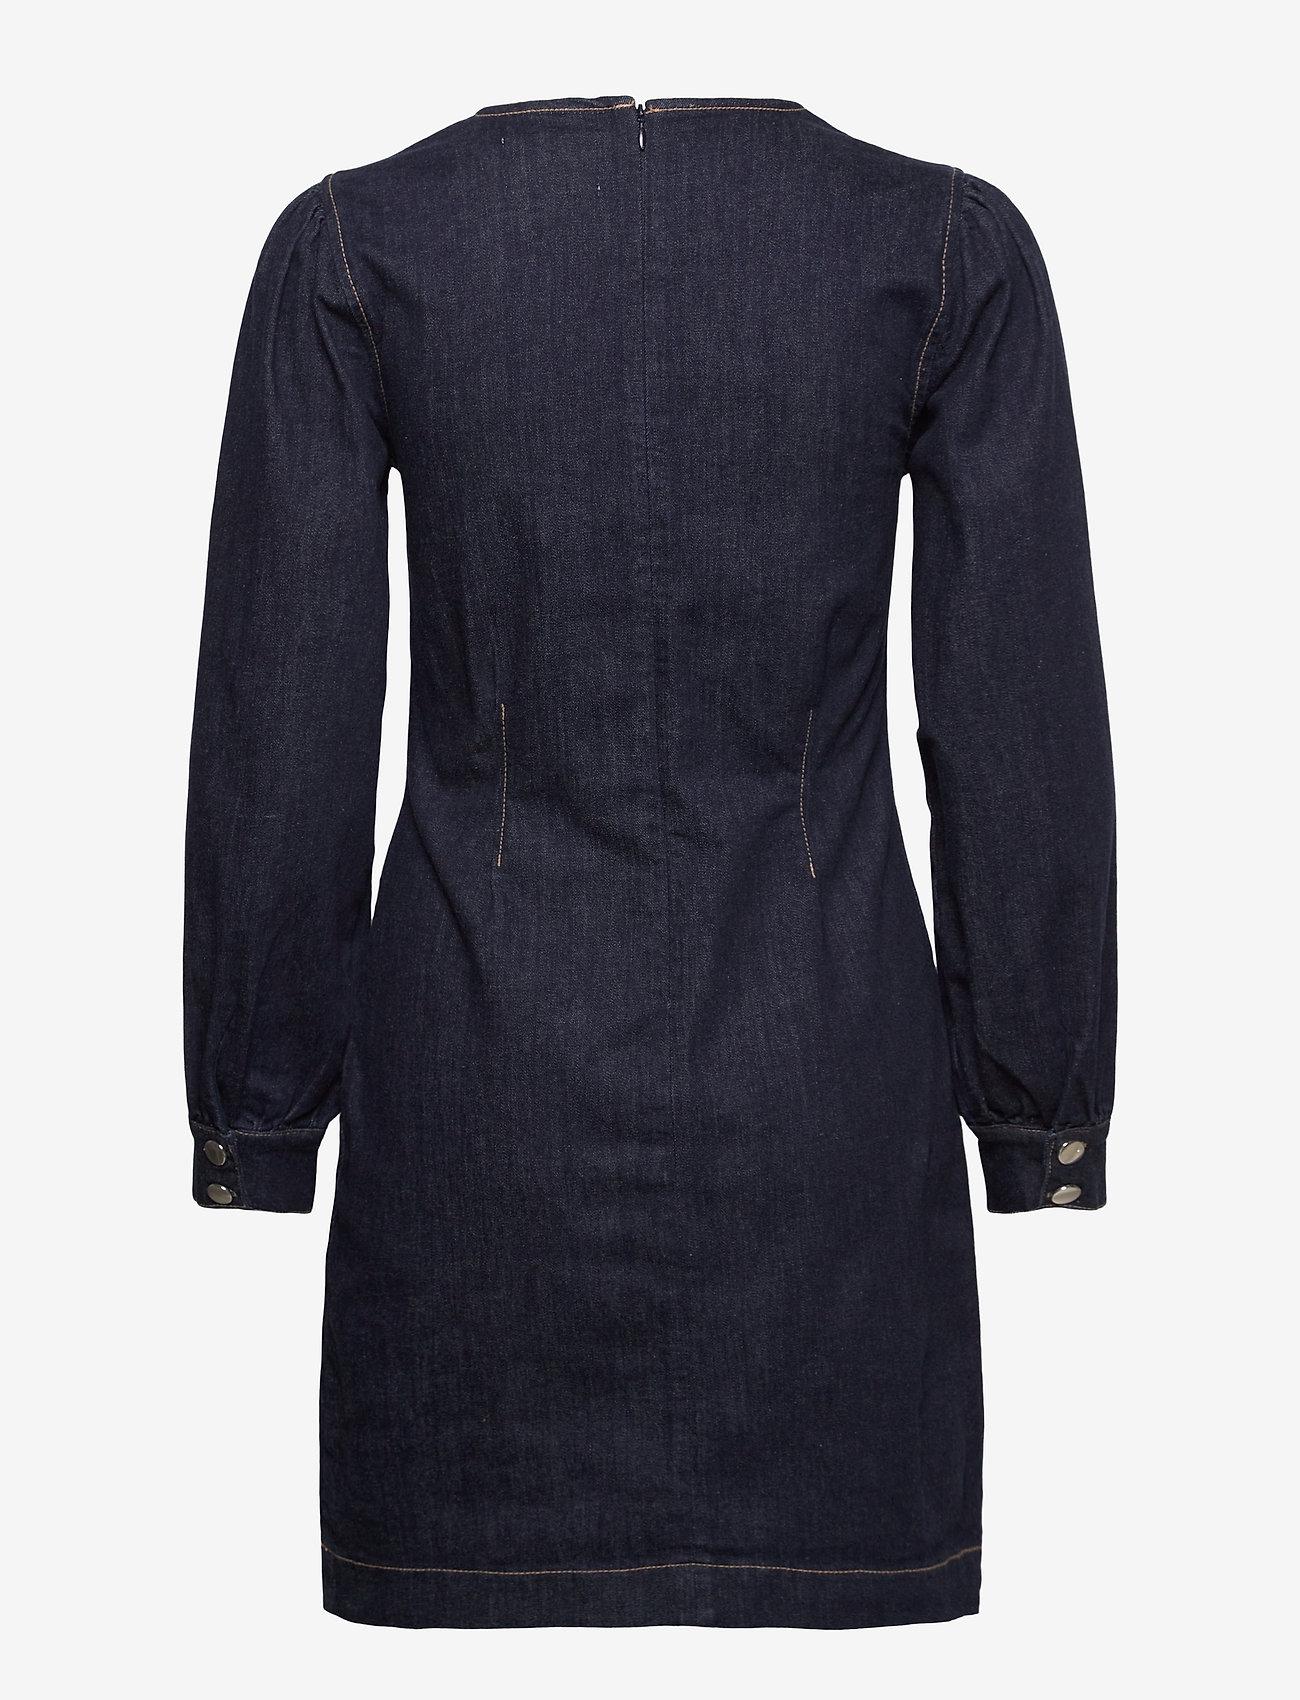 Antoinet Dress (Dark Blue Denim) (125 €) - Second Female CBstP